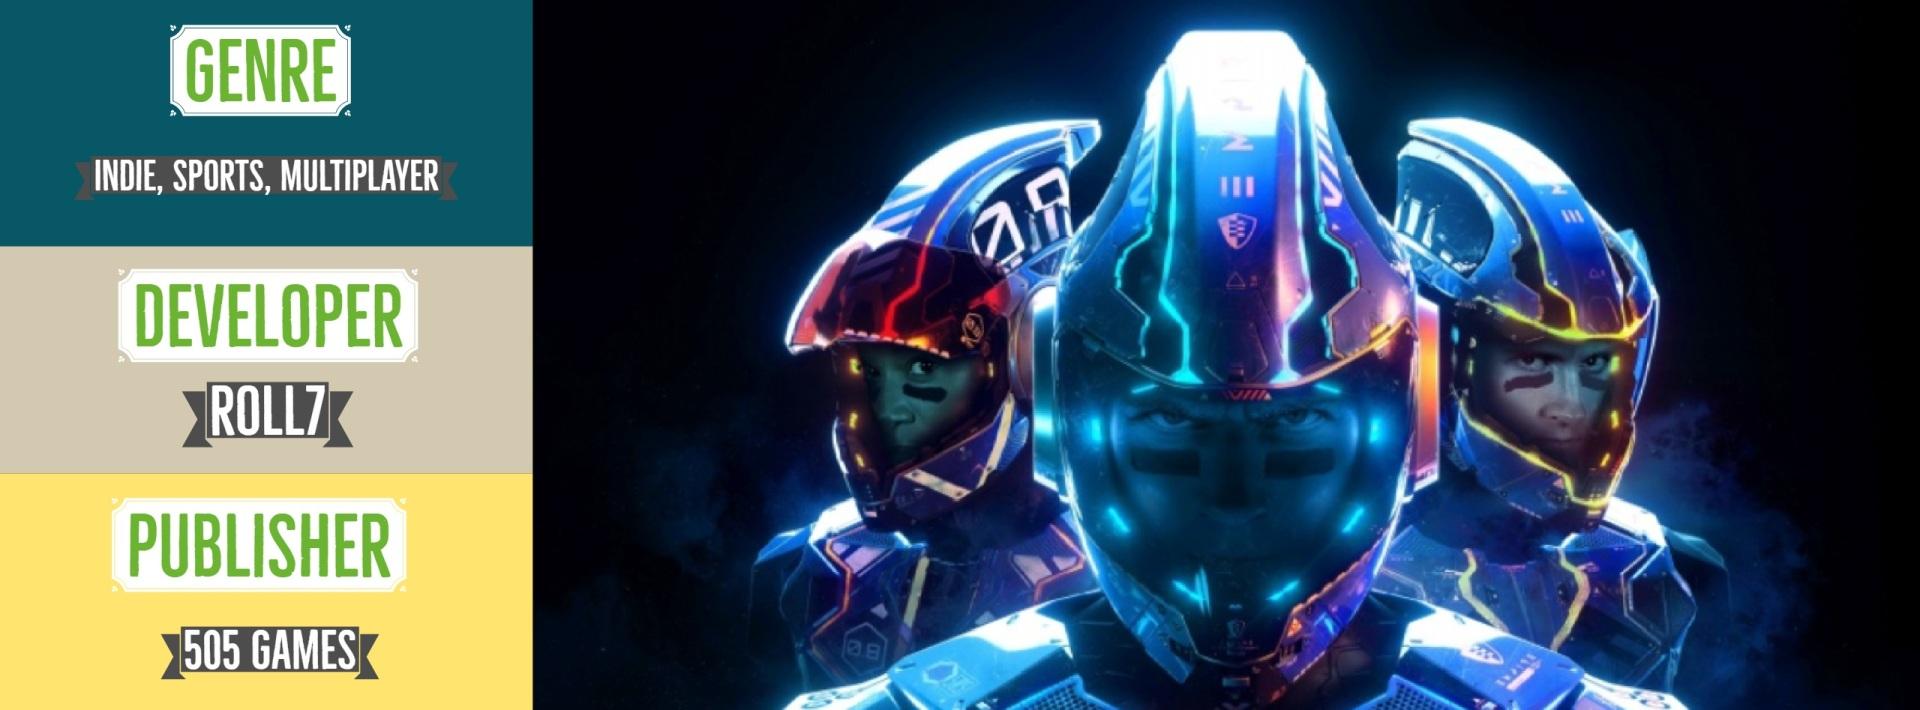 laser-league-banner